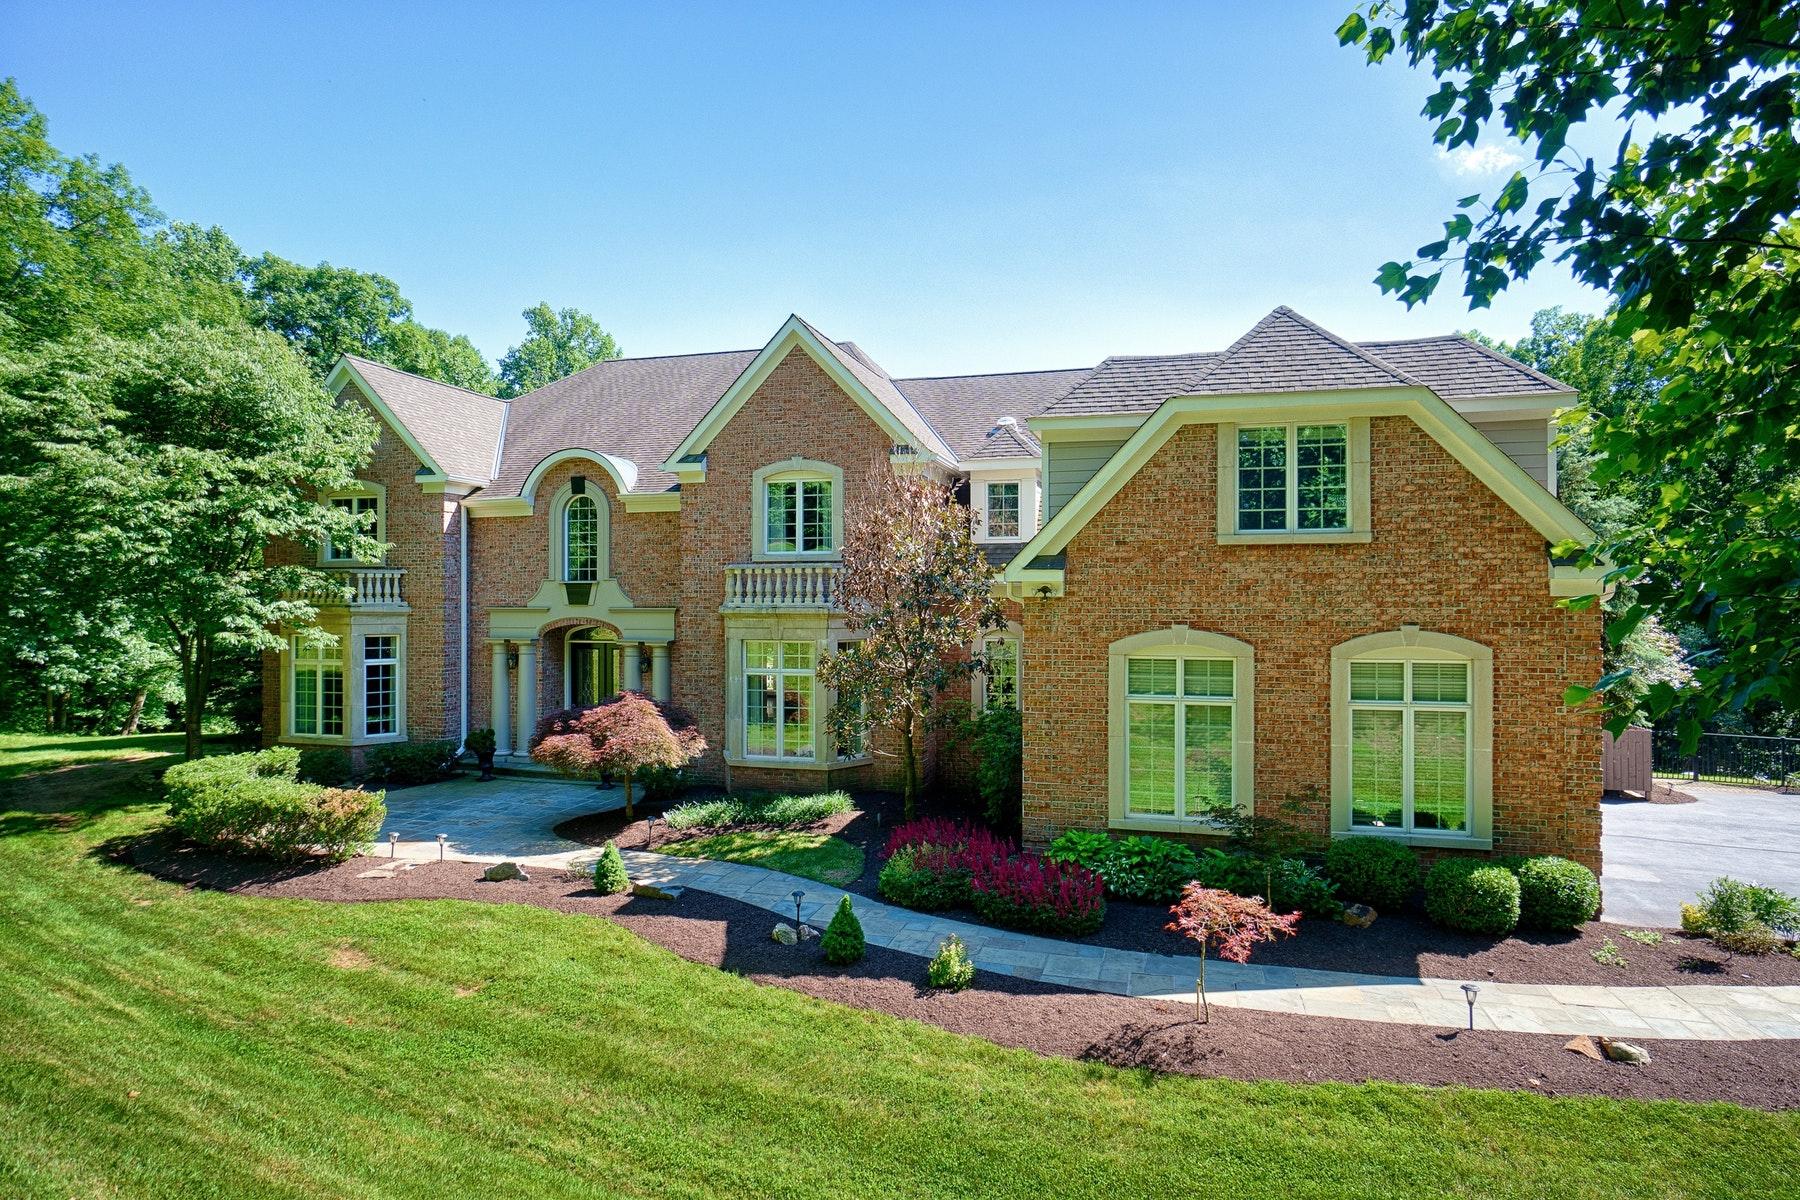 Частный односемейный дом для того Продажа на Grand Beacon Hill Estate 40321 Beacon Hill Drive Leesburg, Виргиния 20176 Соединенные Штаты